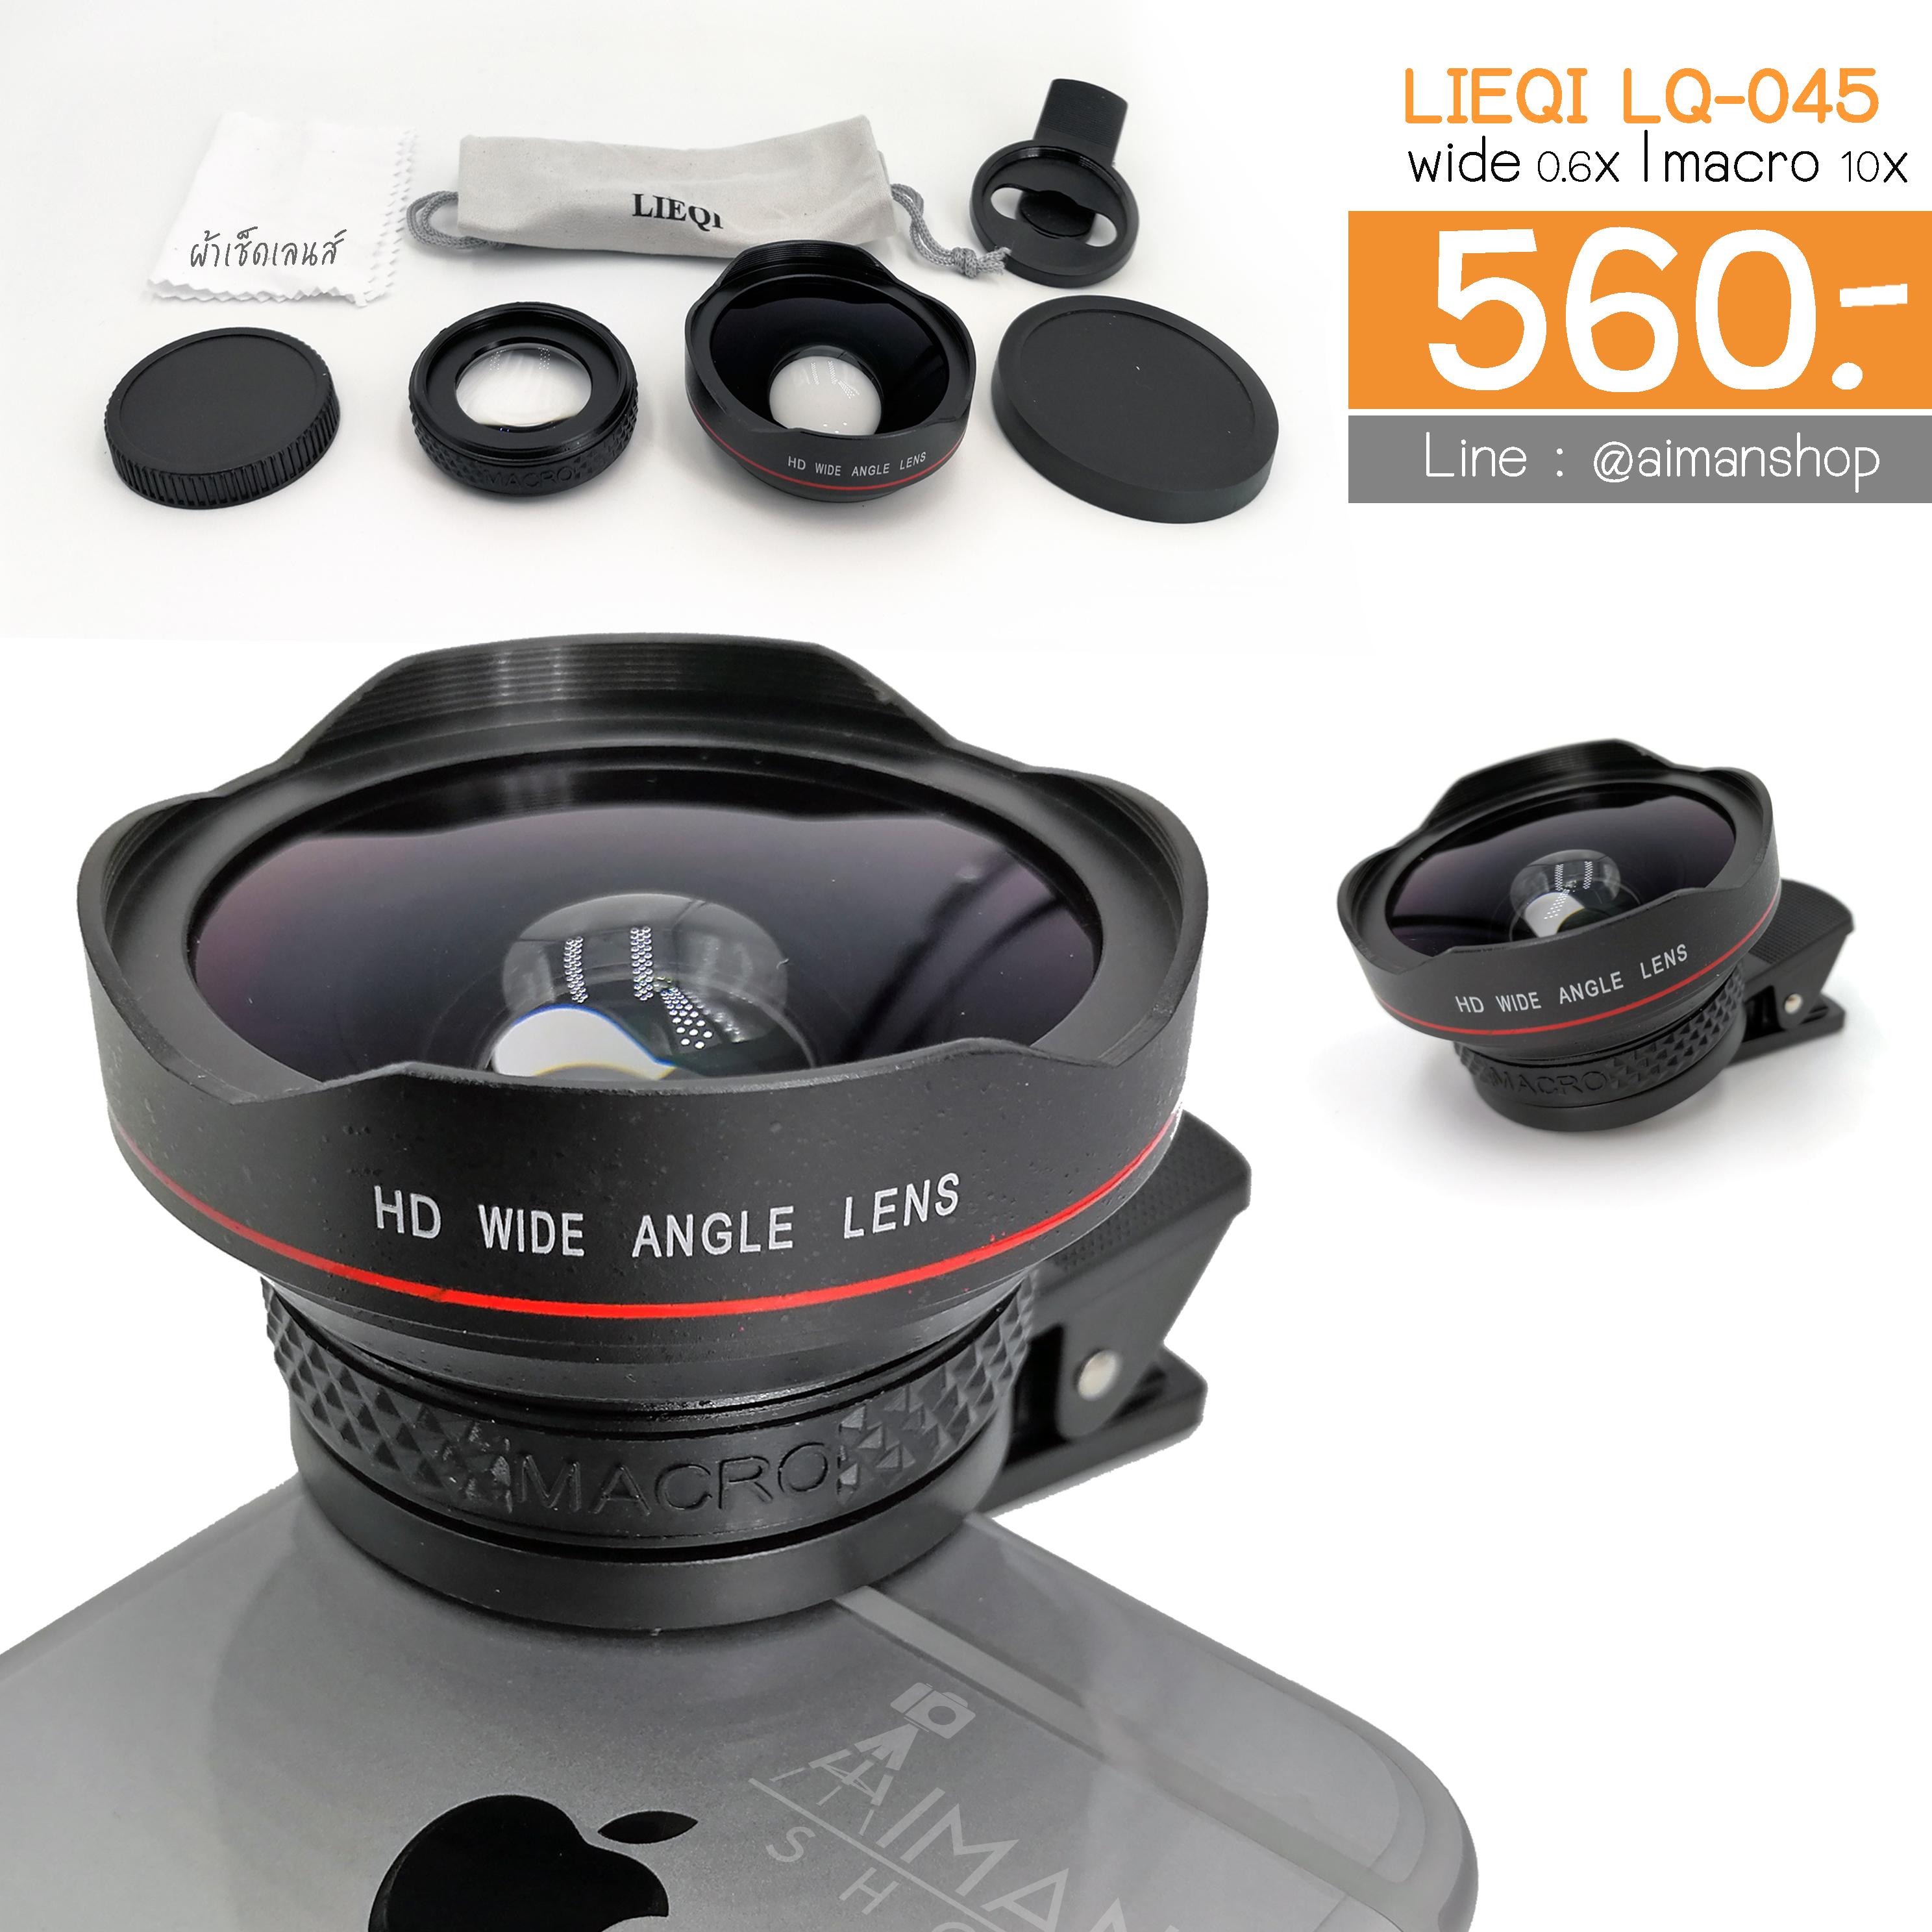 เลนส์มือถือ LIEQI LQ-045 (wide 0.6x + macro 10x)